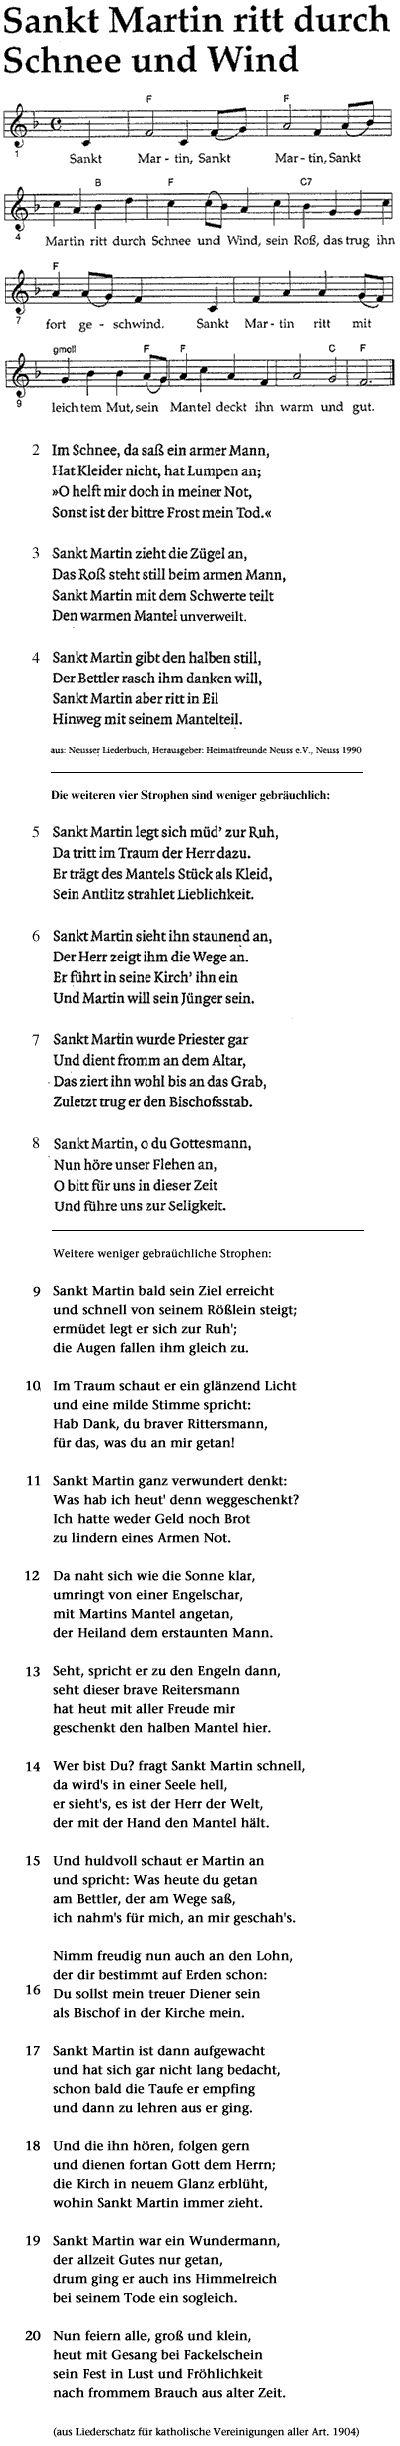 Sankt Martin (St. Martin), Heiliger Martin von Tours/Lieder/Sankt Martin ritt…